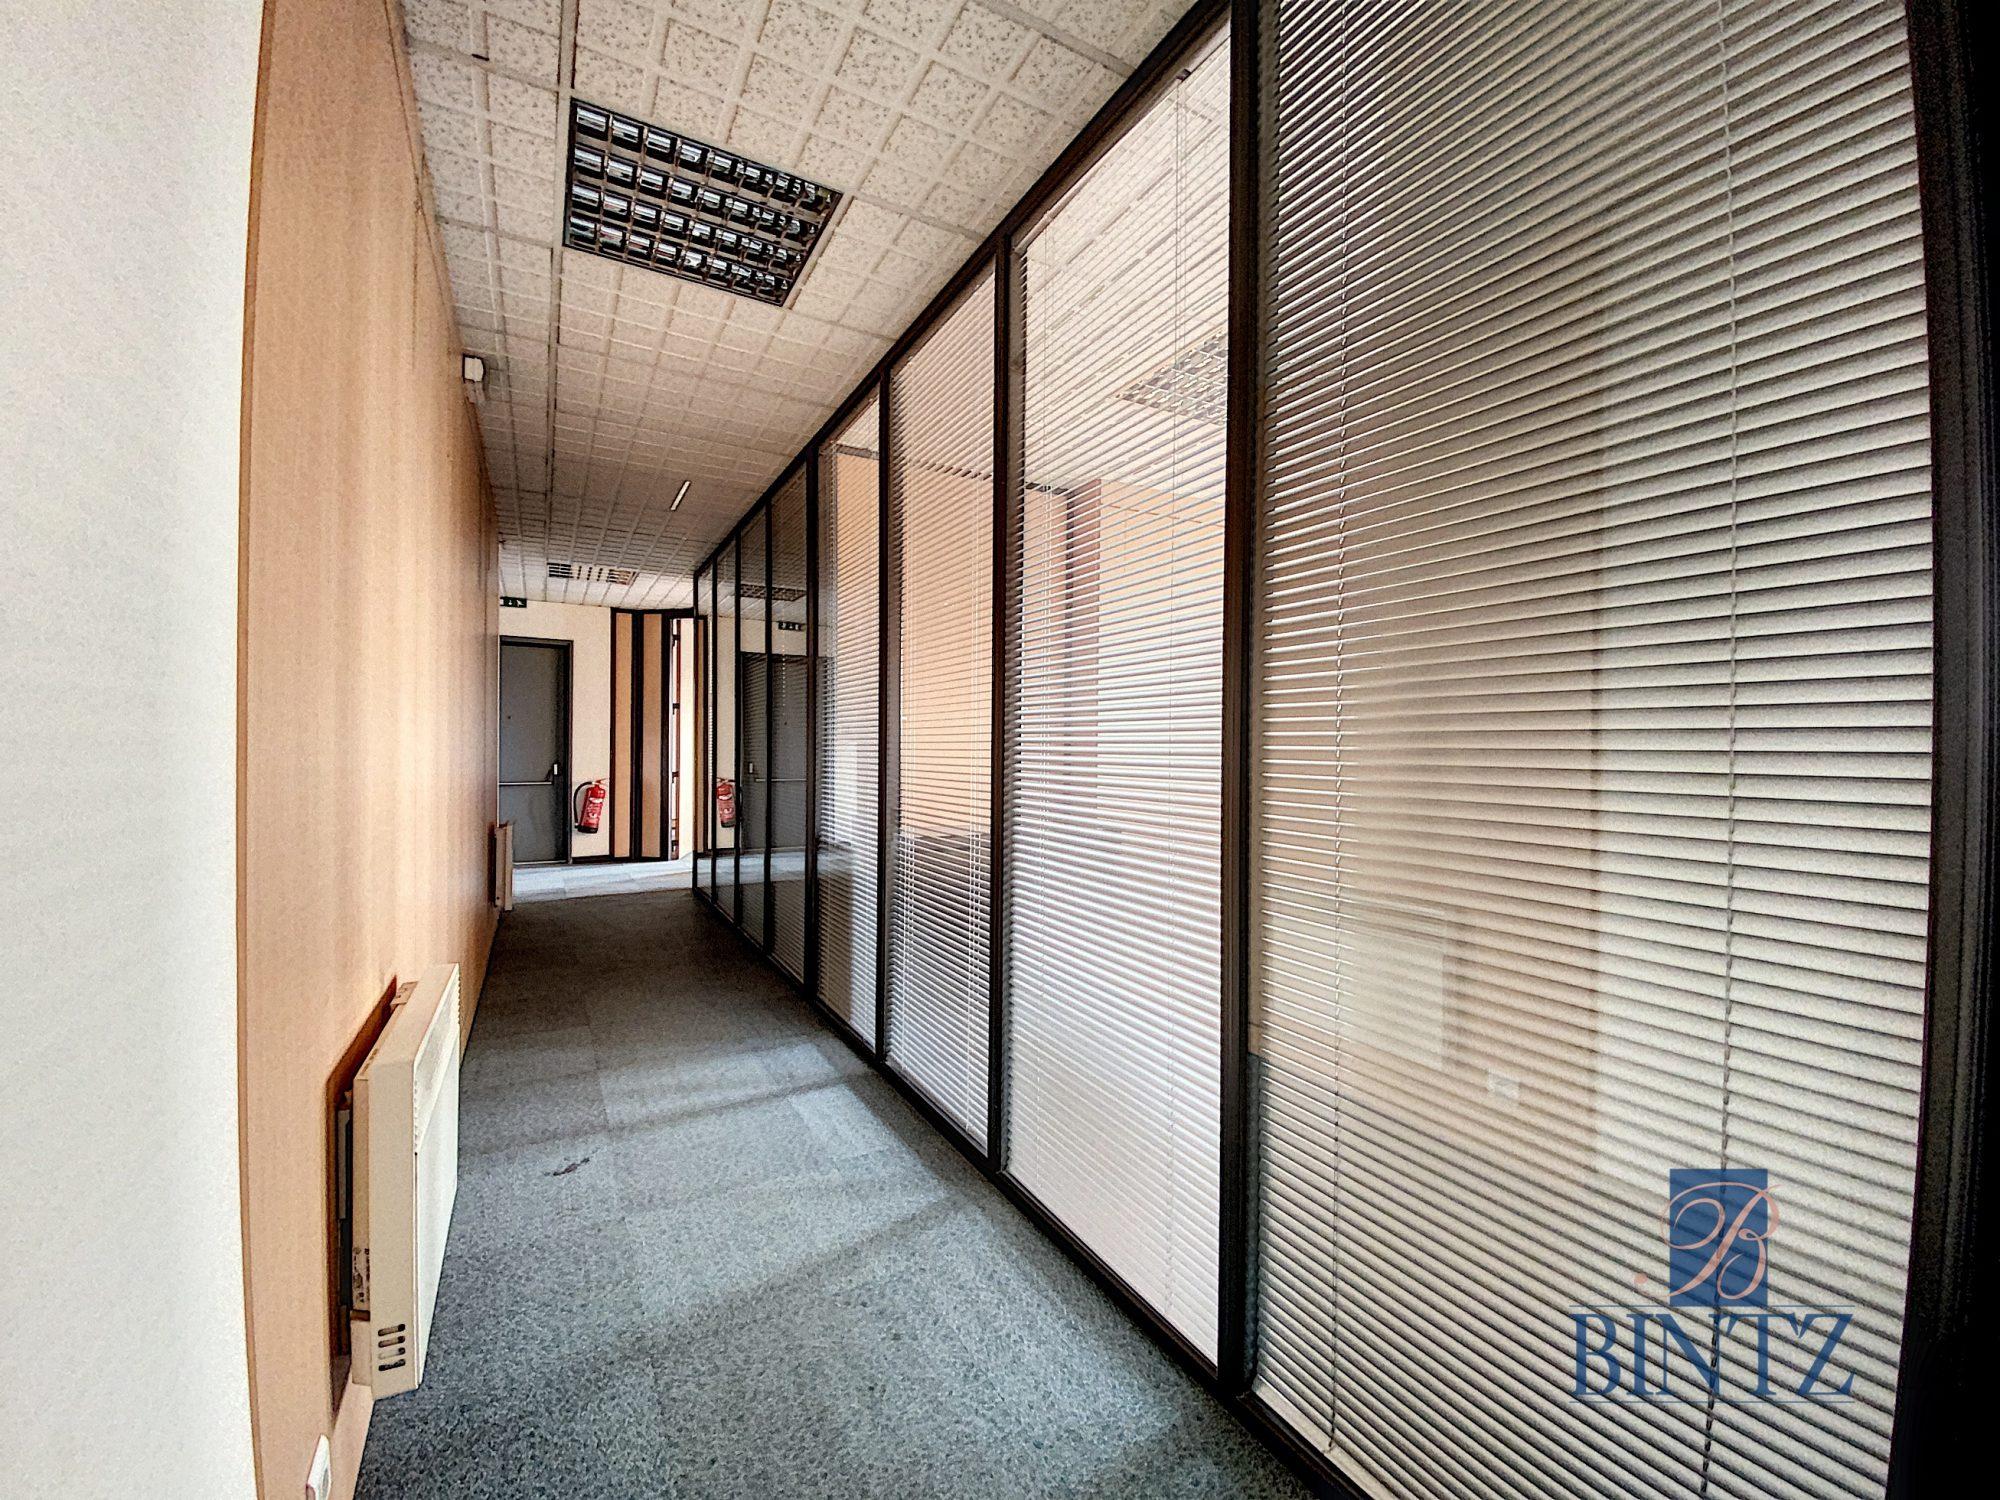 Bureaux à louer – 250m2 Quartier Fisher à Schiltigheim - Devenez locataire en toute sérénité - Bintz Immobilier - 9